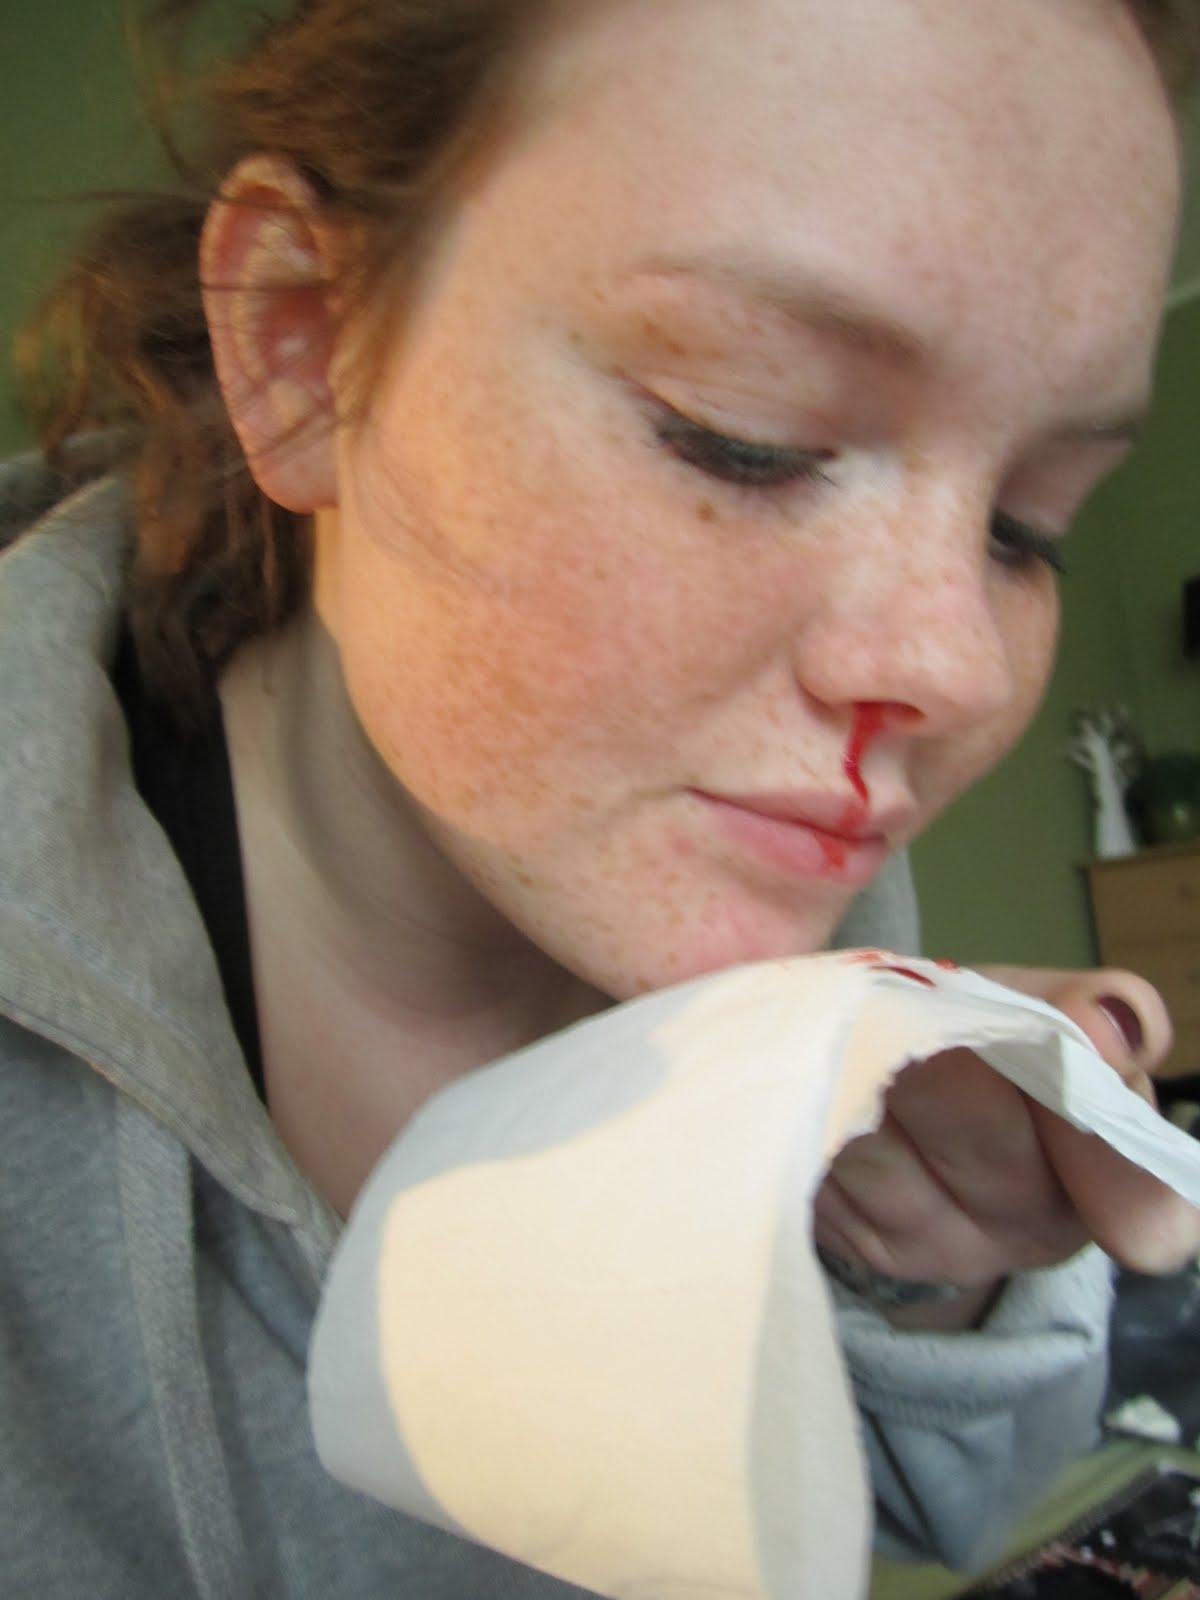 blöder mycket näsblod